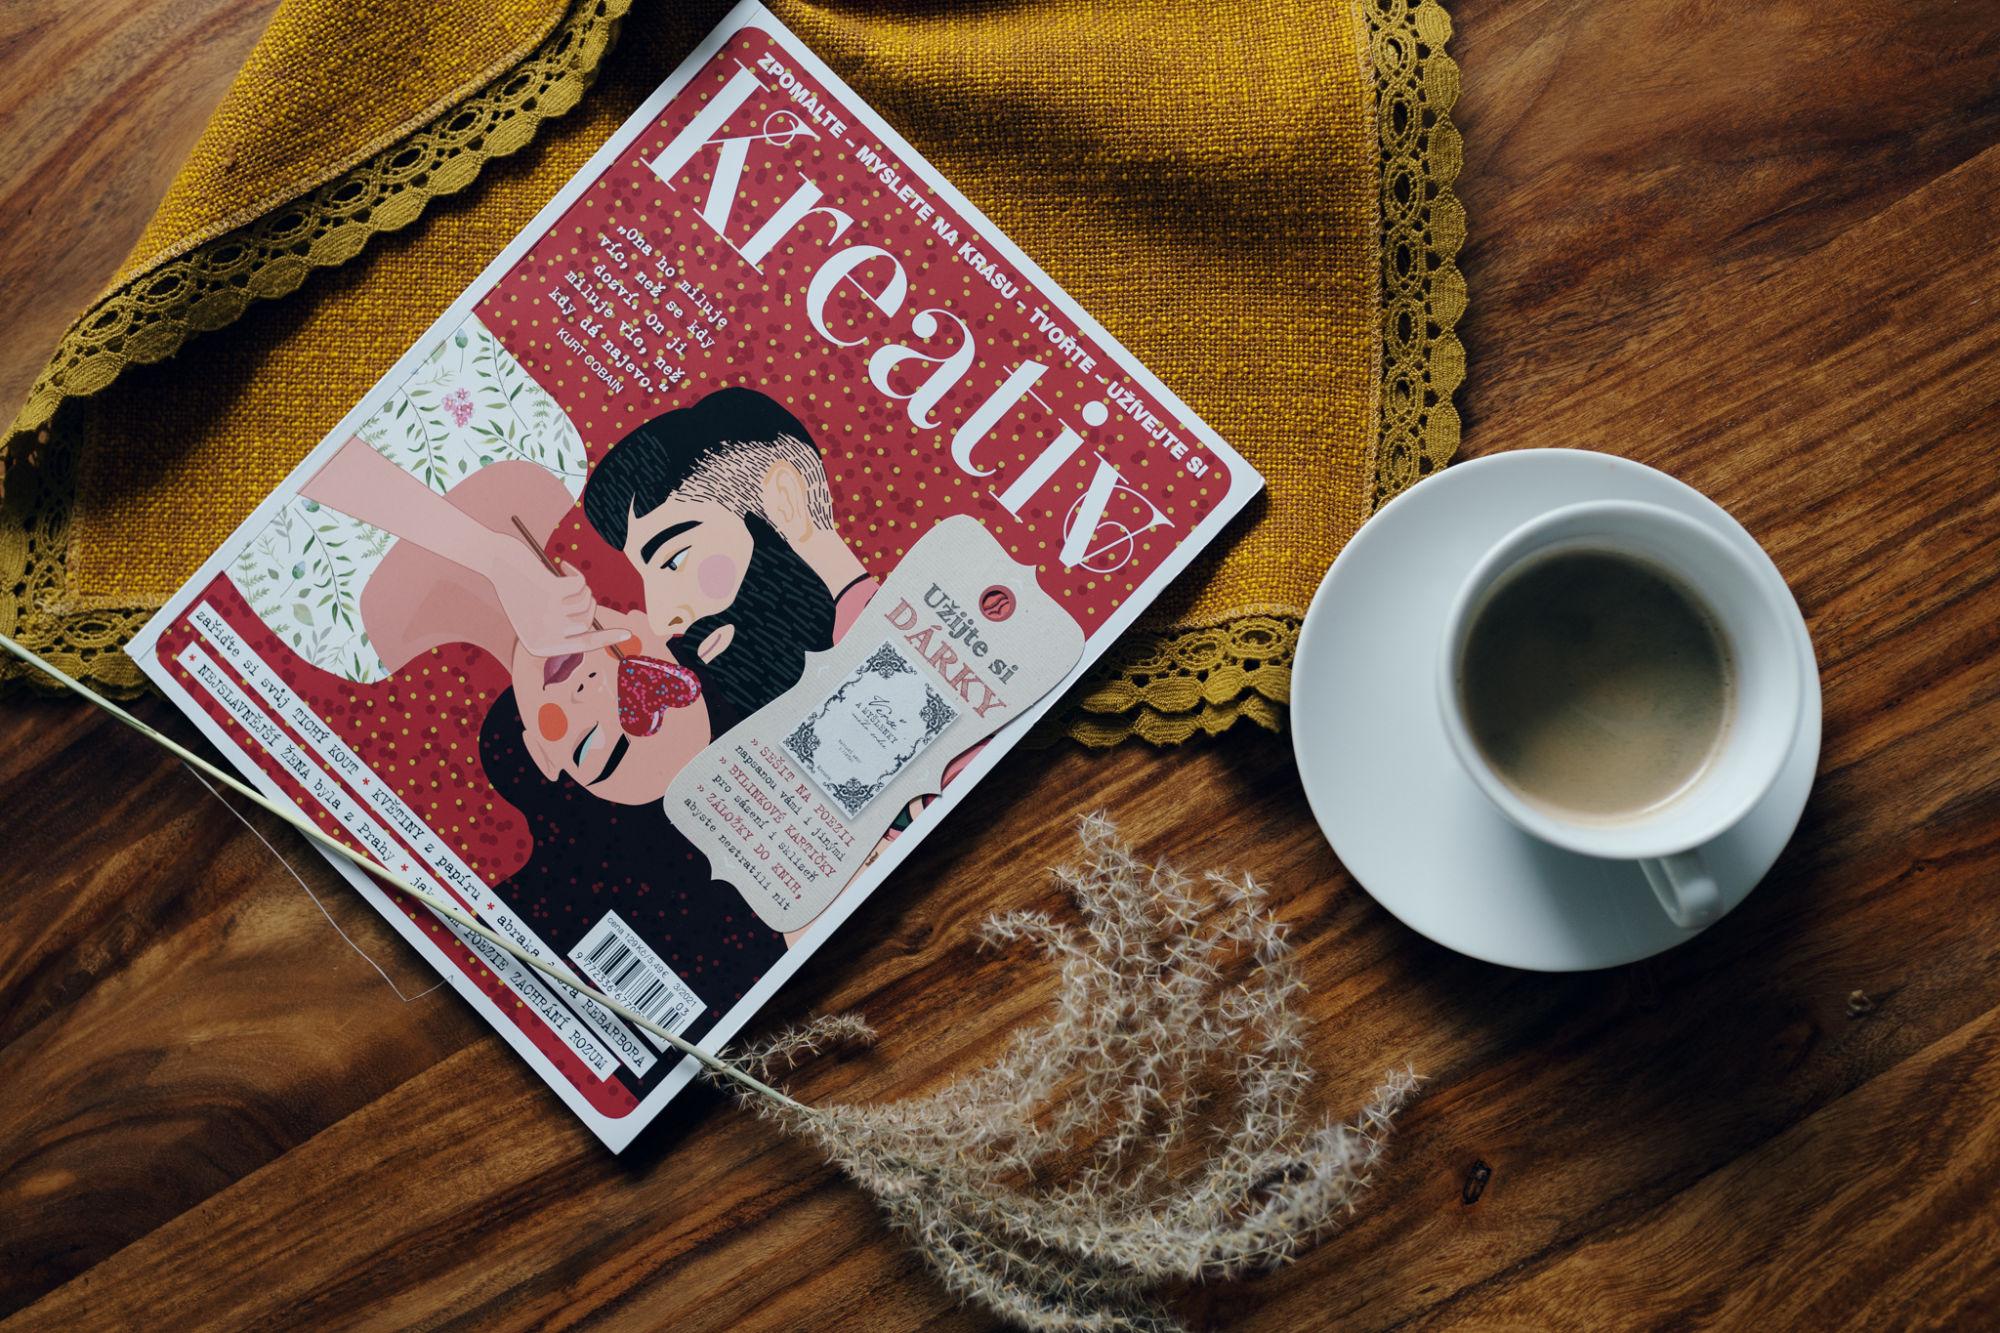 kreativ časopis